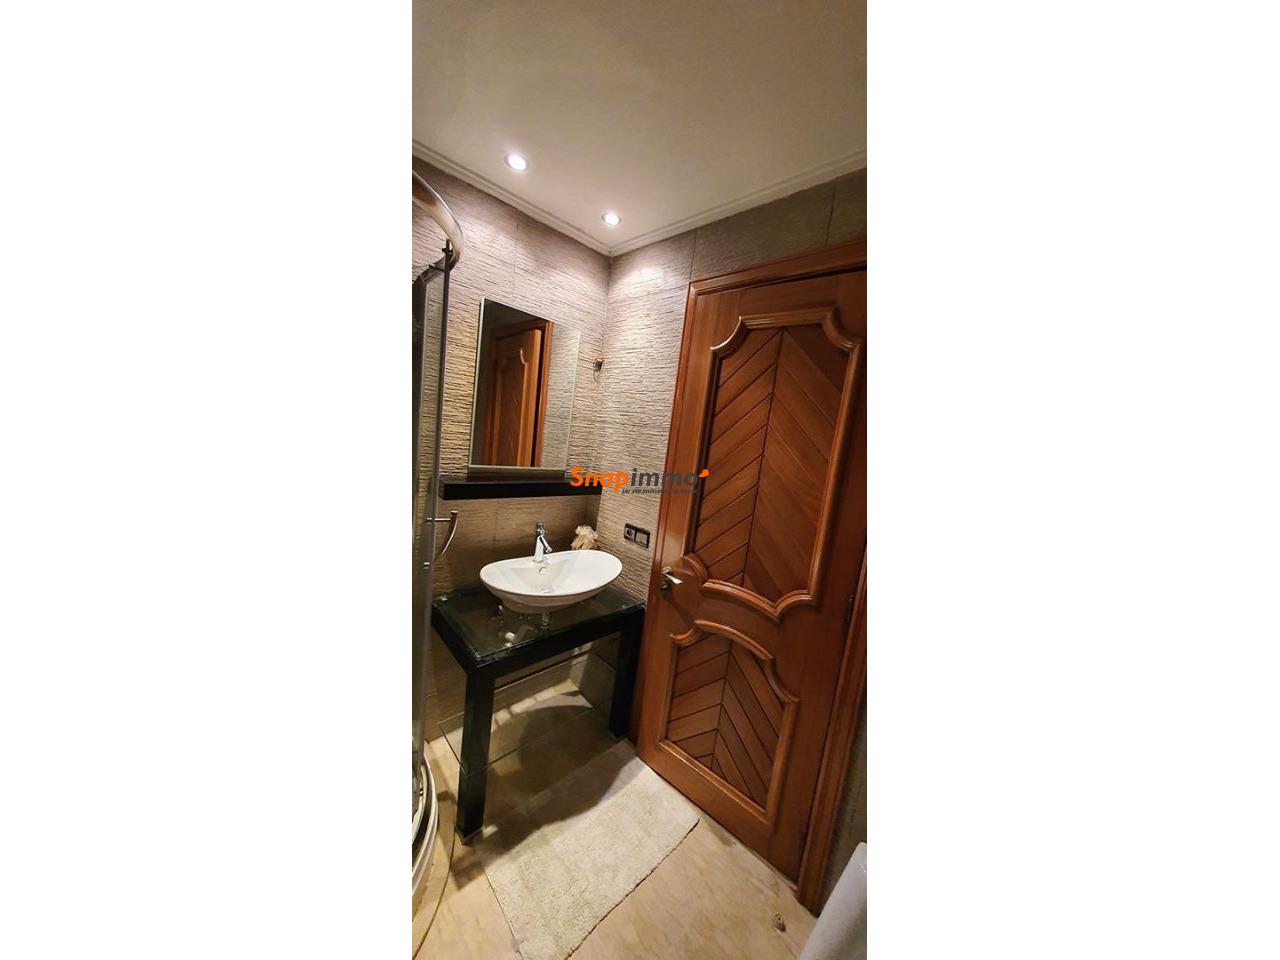 Tres bel appartement THS de 96 m2 A VENDRE a Bourgogne - 4/6